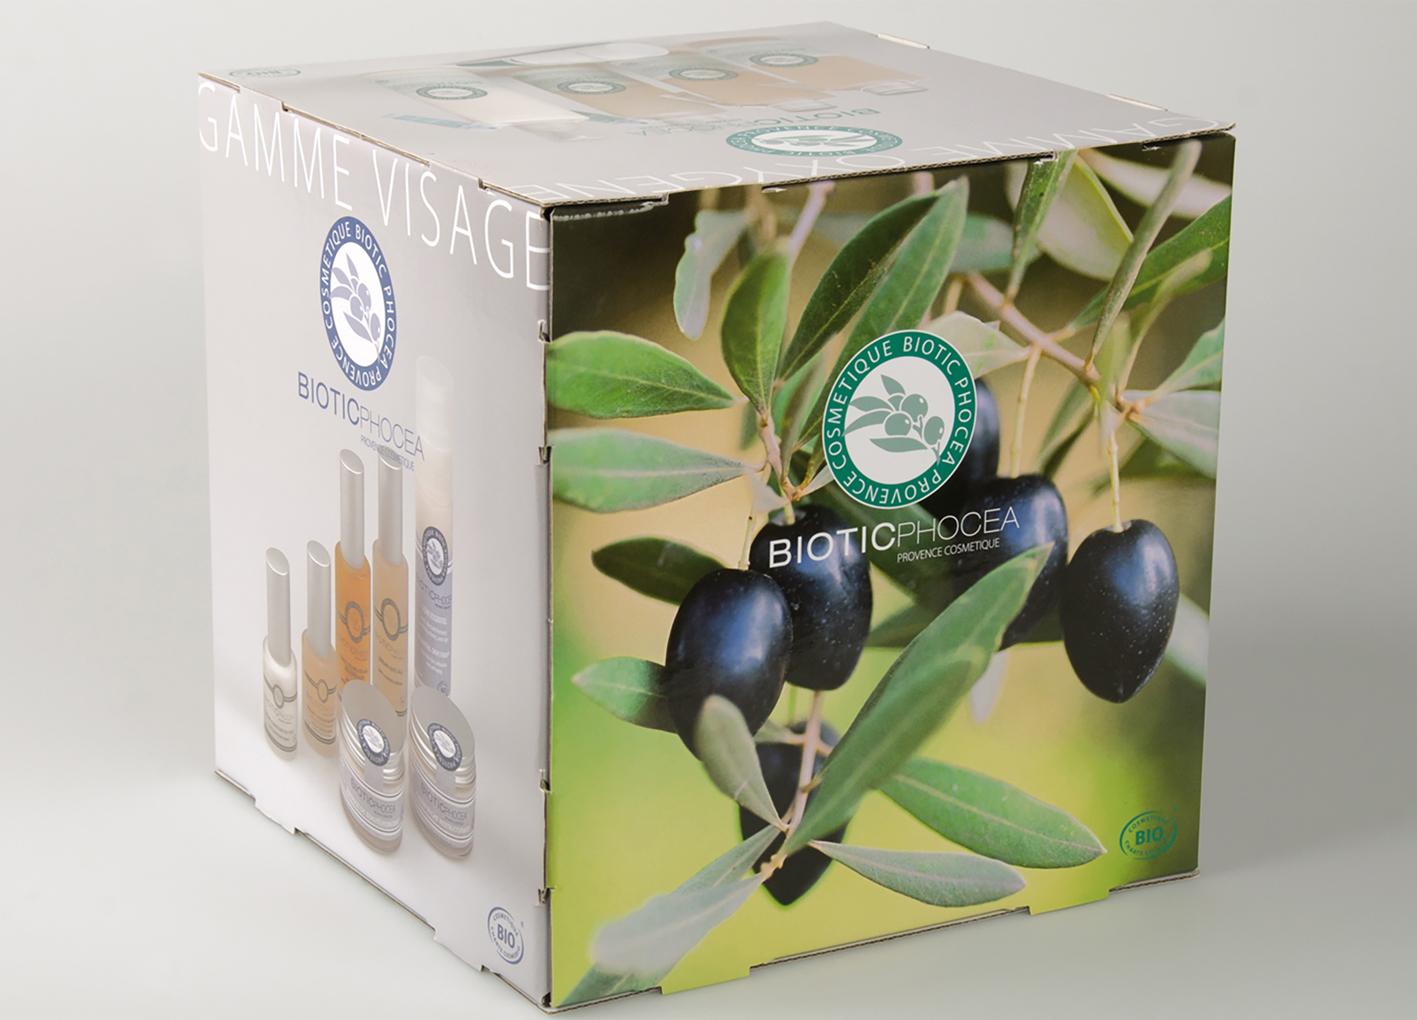 Cube biotic 2020 - Biotic Phocea